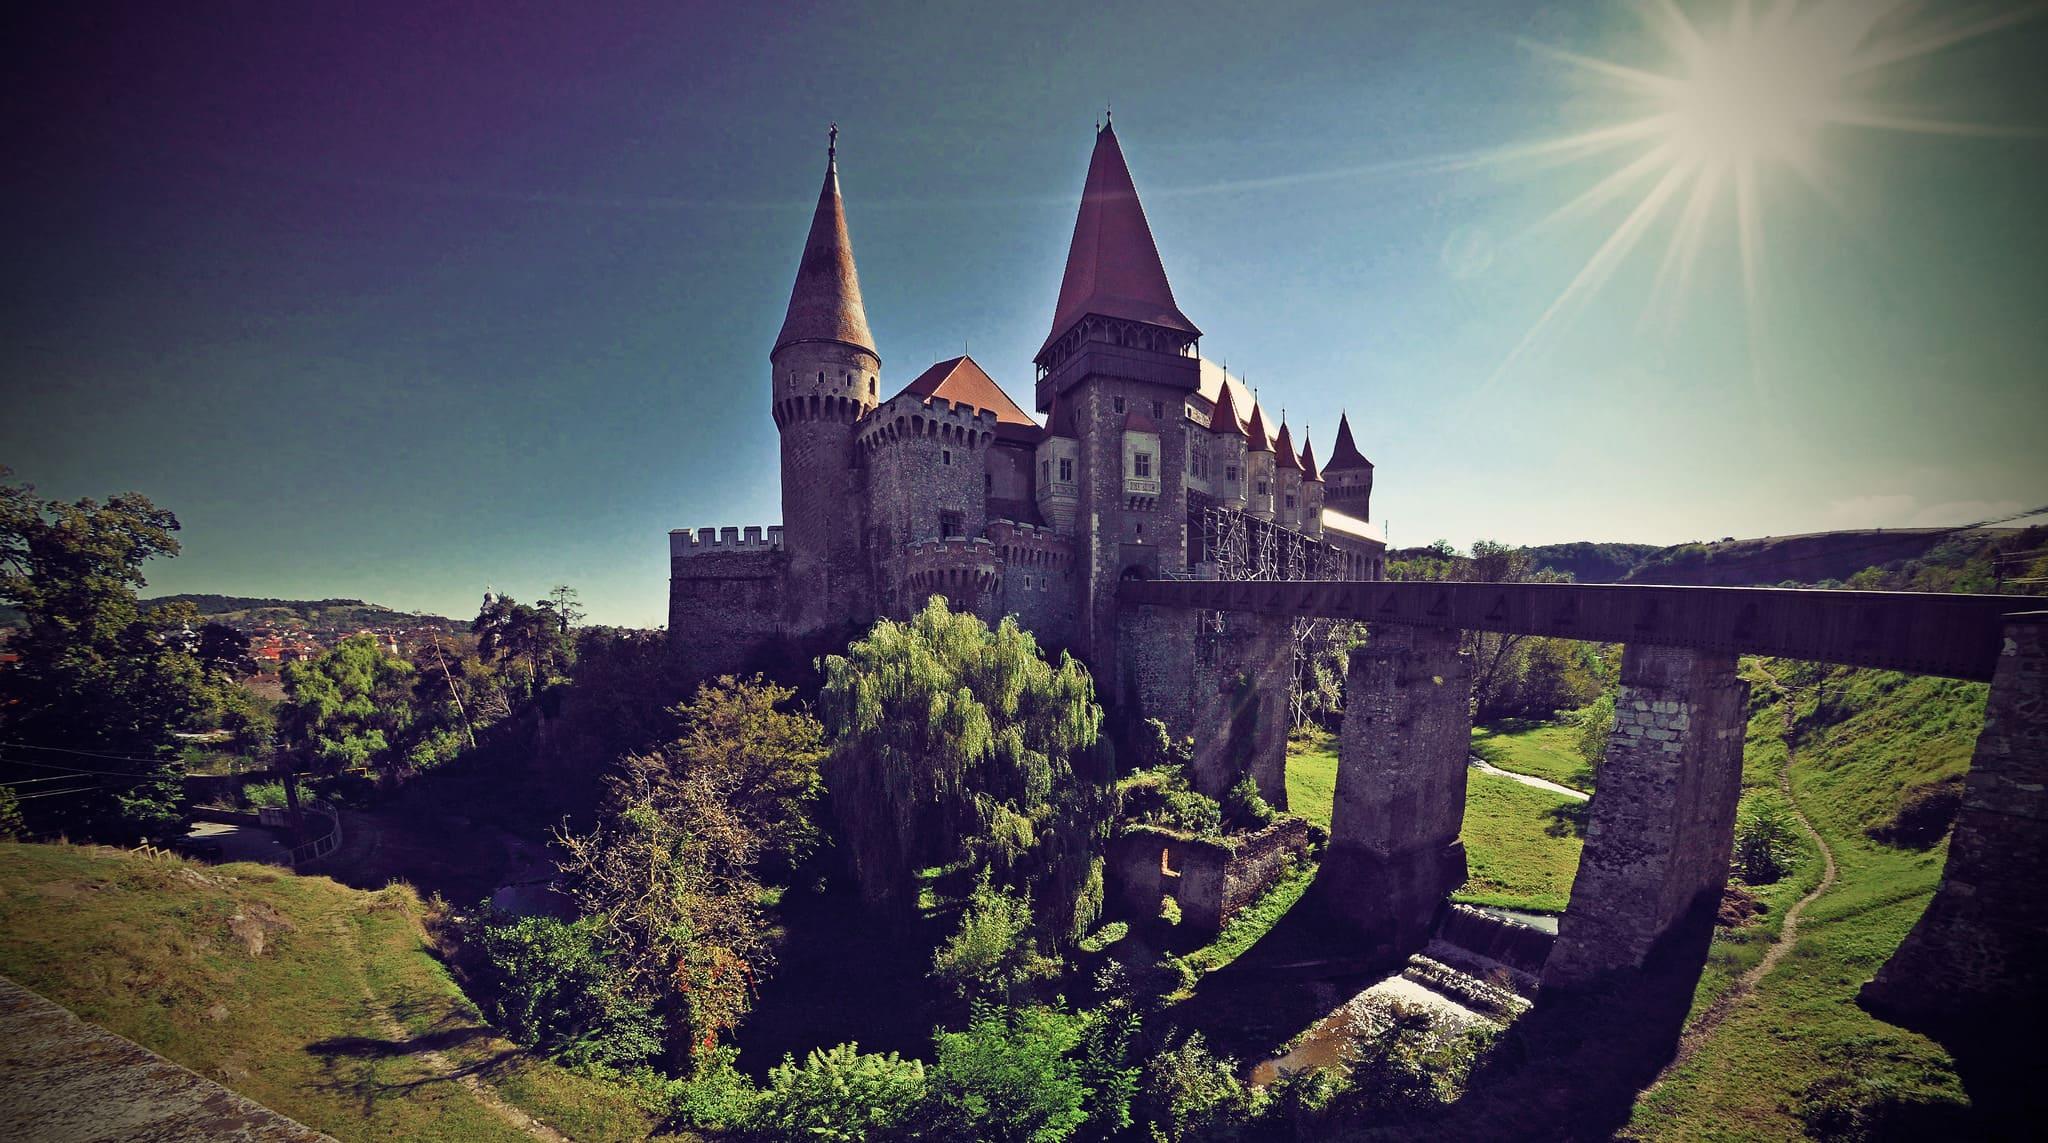 Viaggi in europa a dicembre on the road Transilavania